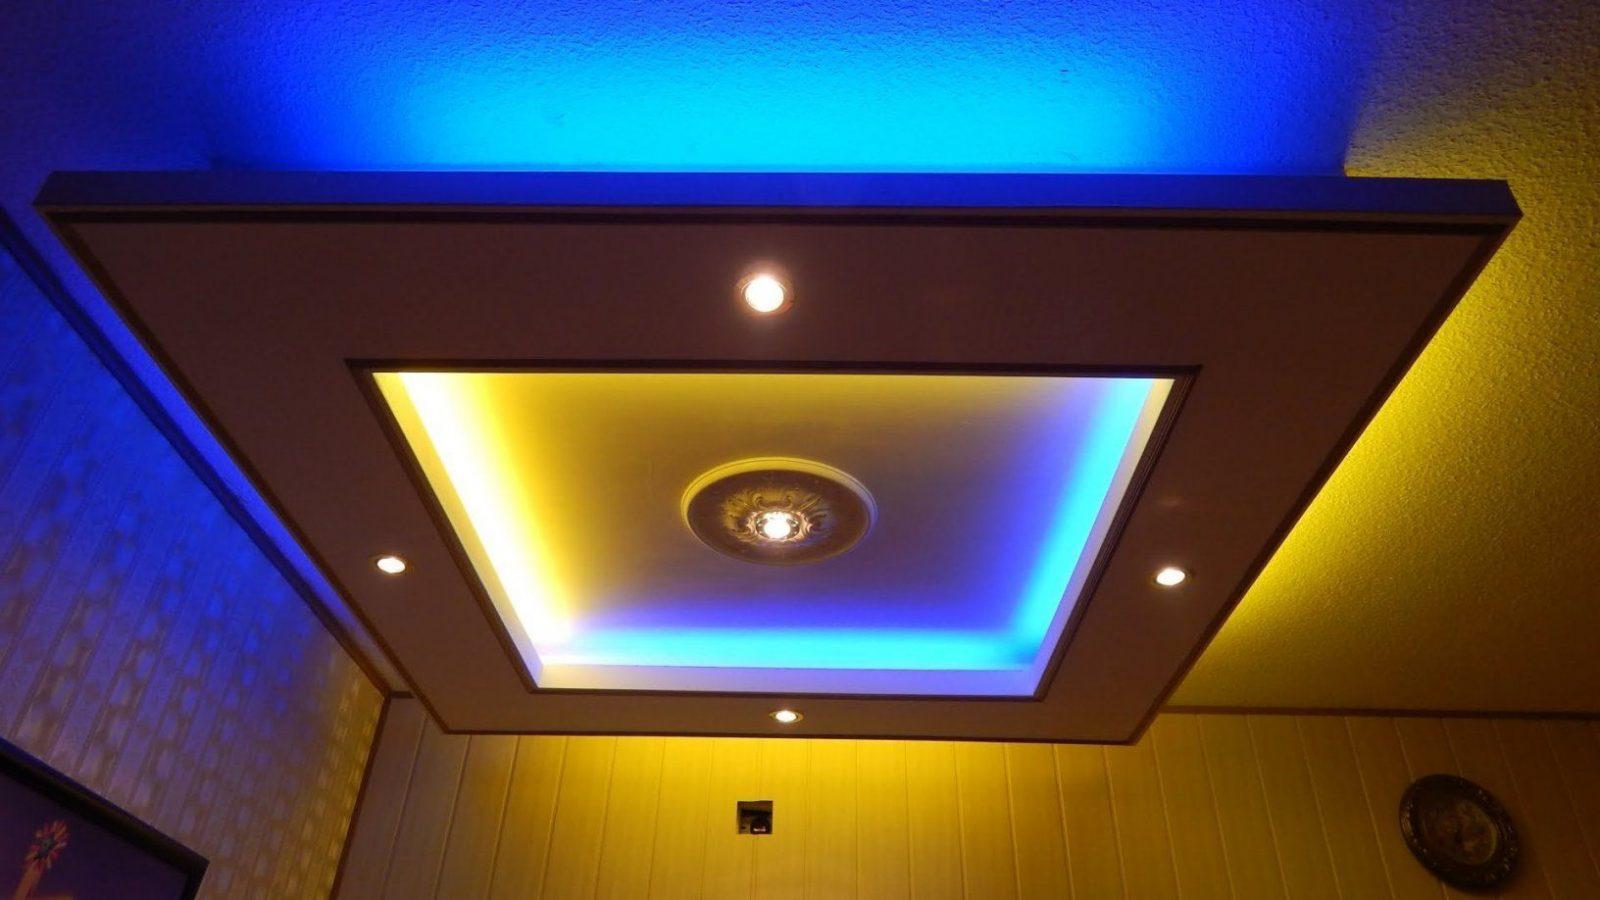 Deckenlampe Wohnzimmer Selber Bauen von Led Deckenlampe Selber Bauen Photo